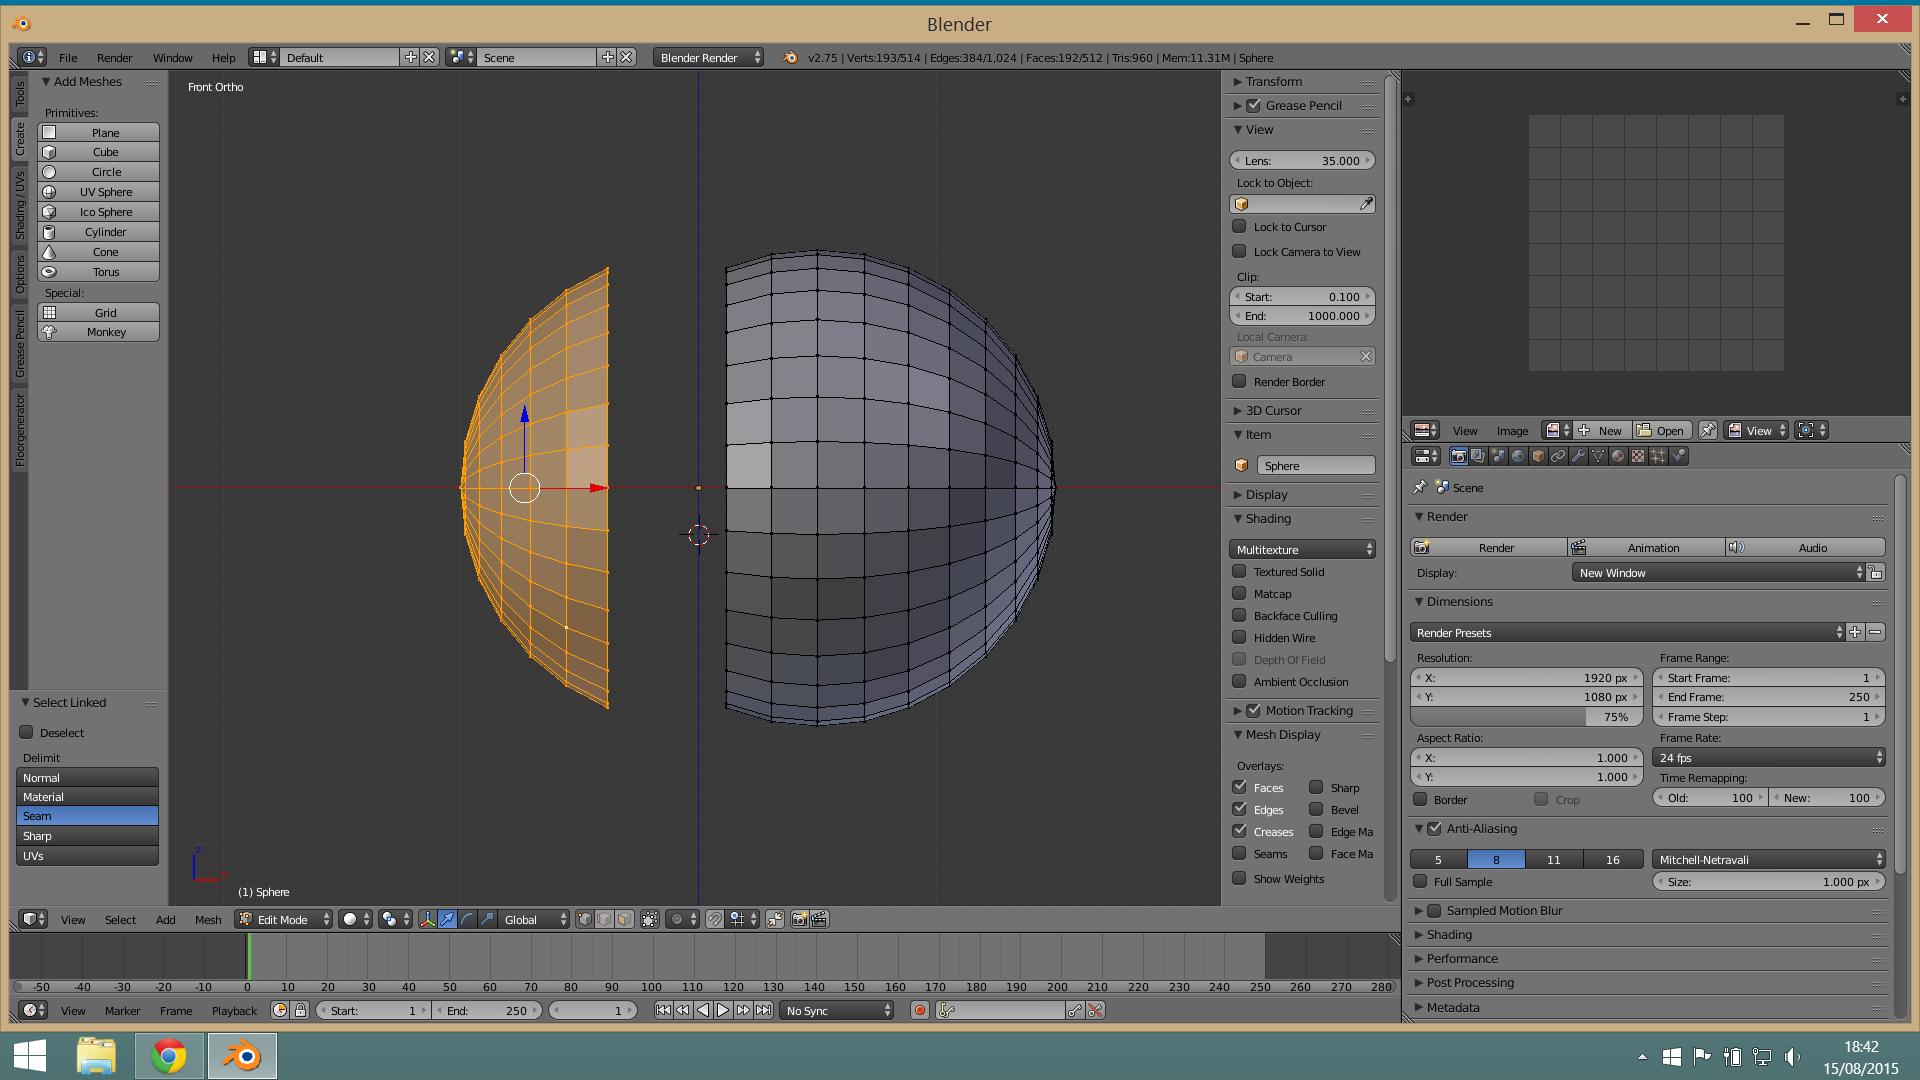 Como podria hacer una antena parabolica-esfera.jpg